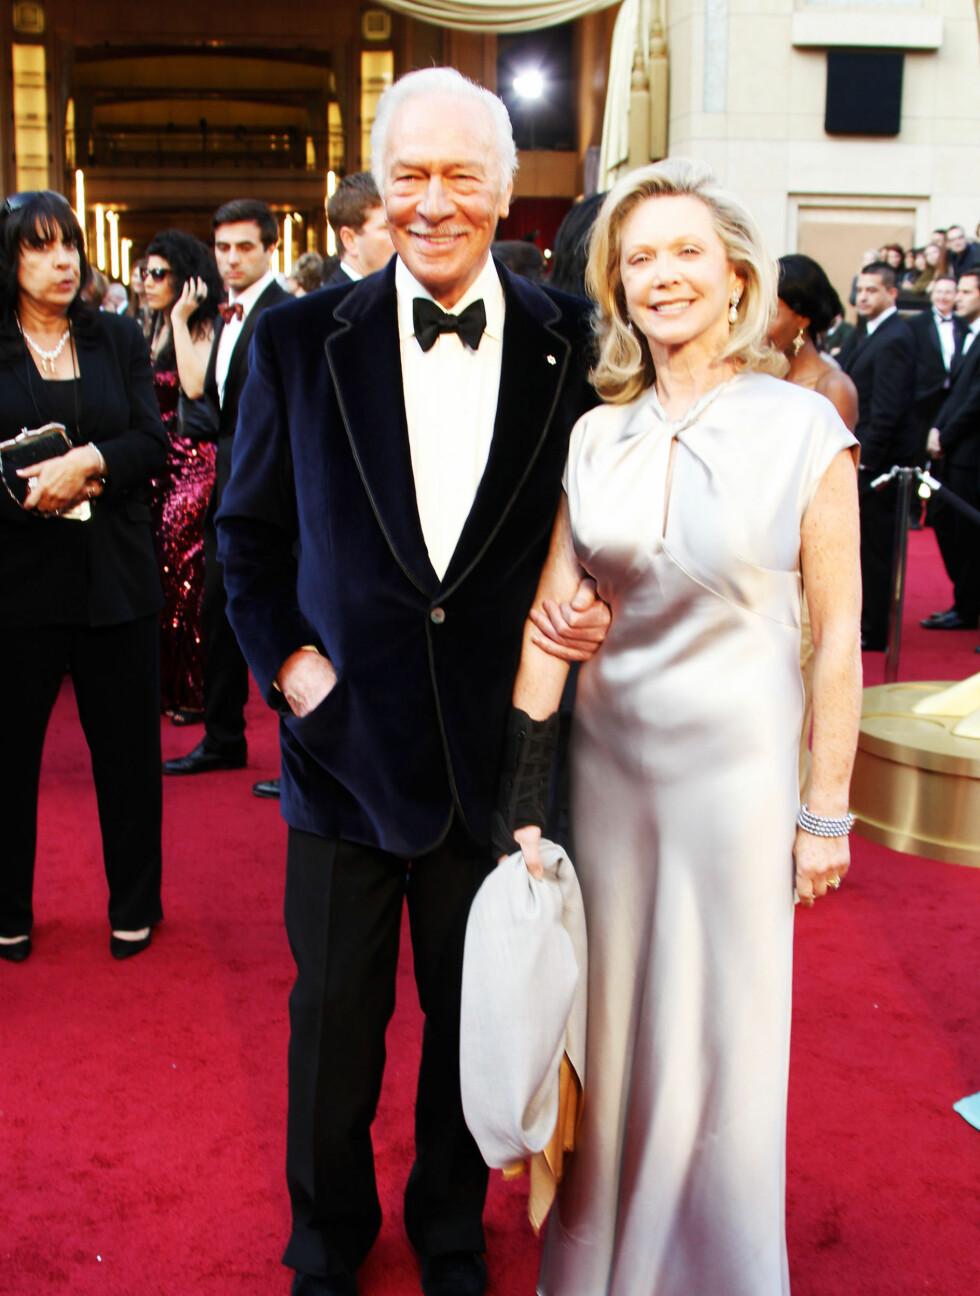 39 ÅR: Christopher Plummer (82) er kjent fra blant annet «Den Rosa Pantern» og er gift med Elaine Taylor (68). De har ingen barn sammen. Men han har dateren Amanda fra et tidligere ekteskap. Foto: All Over Press